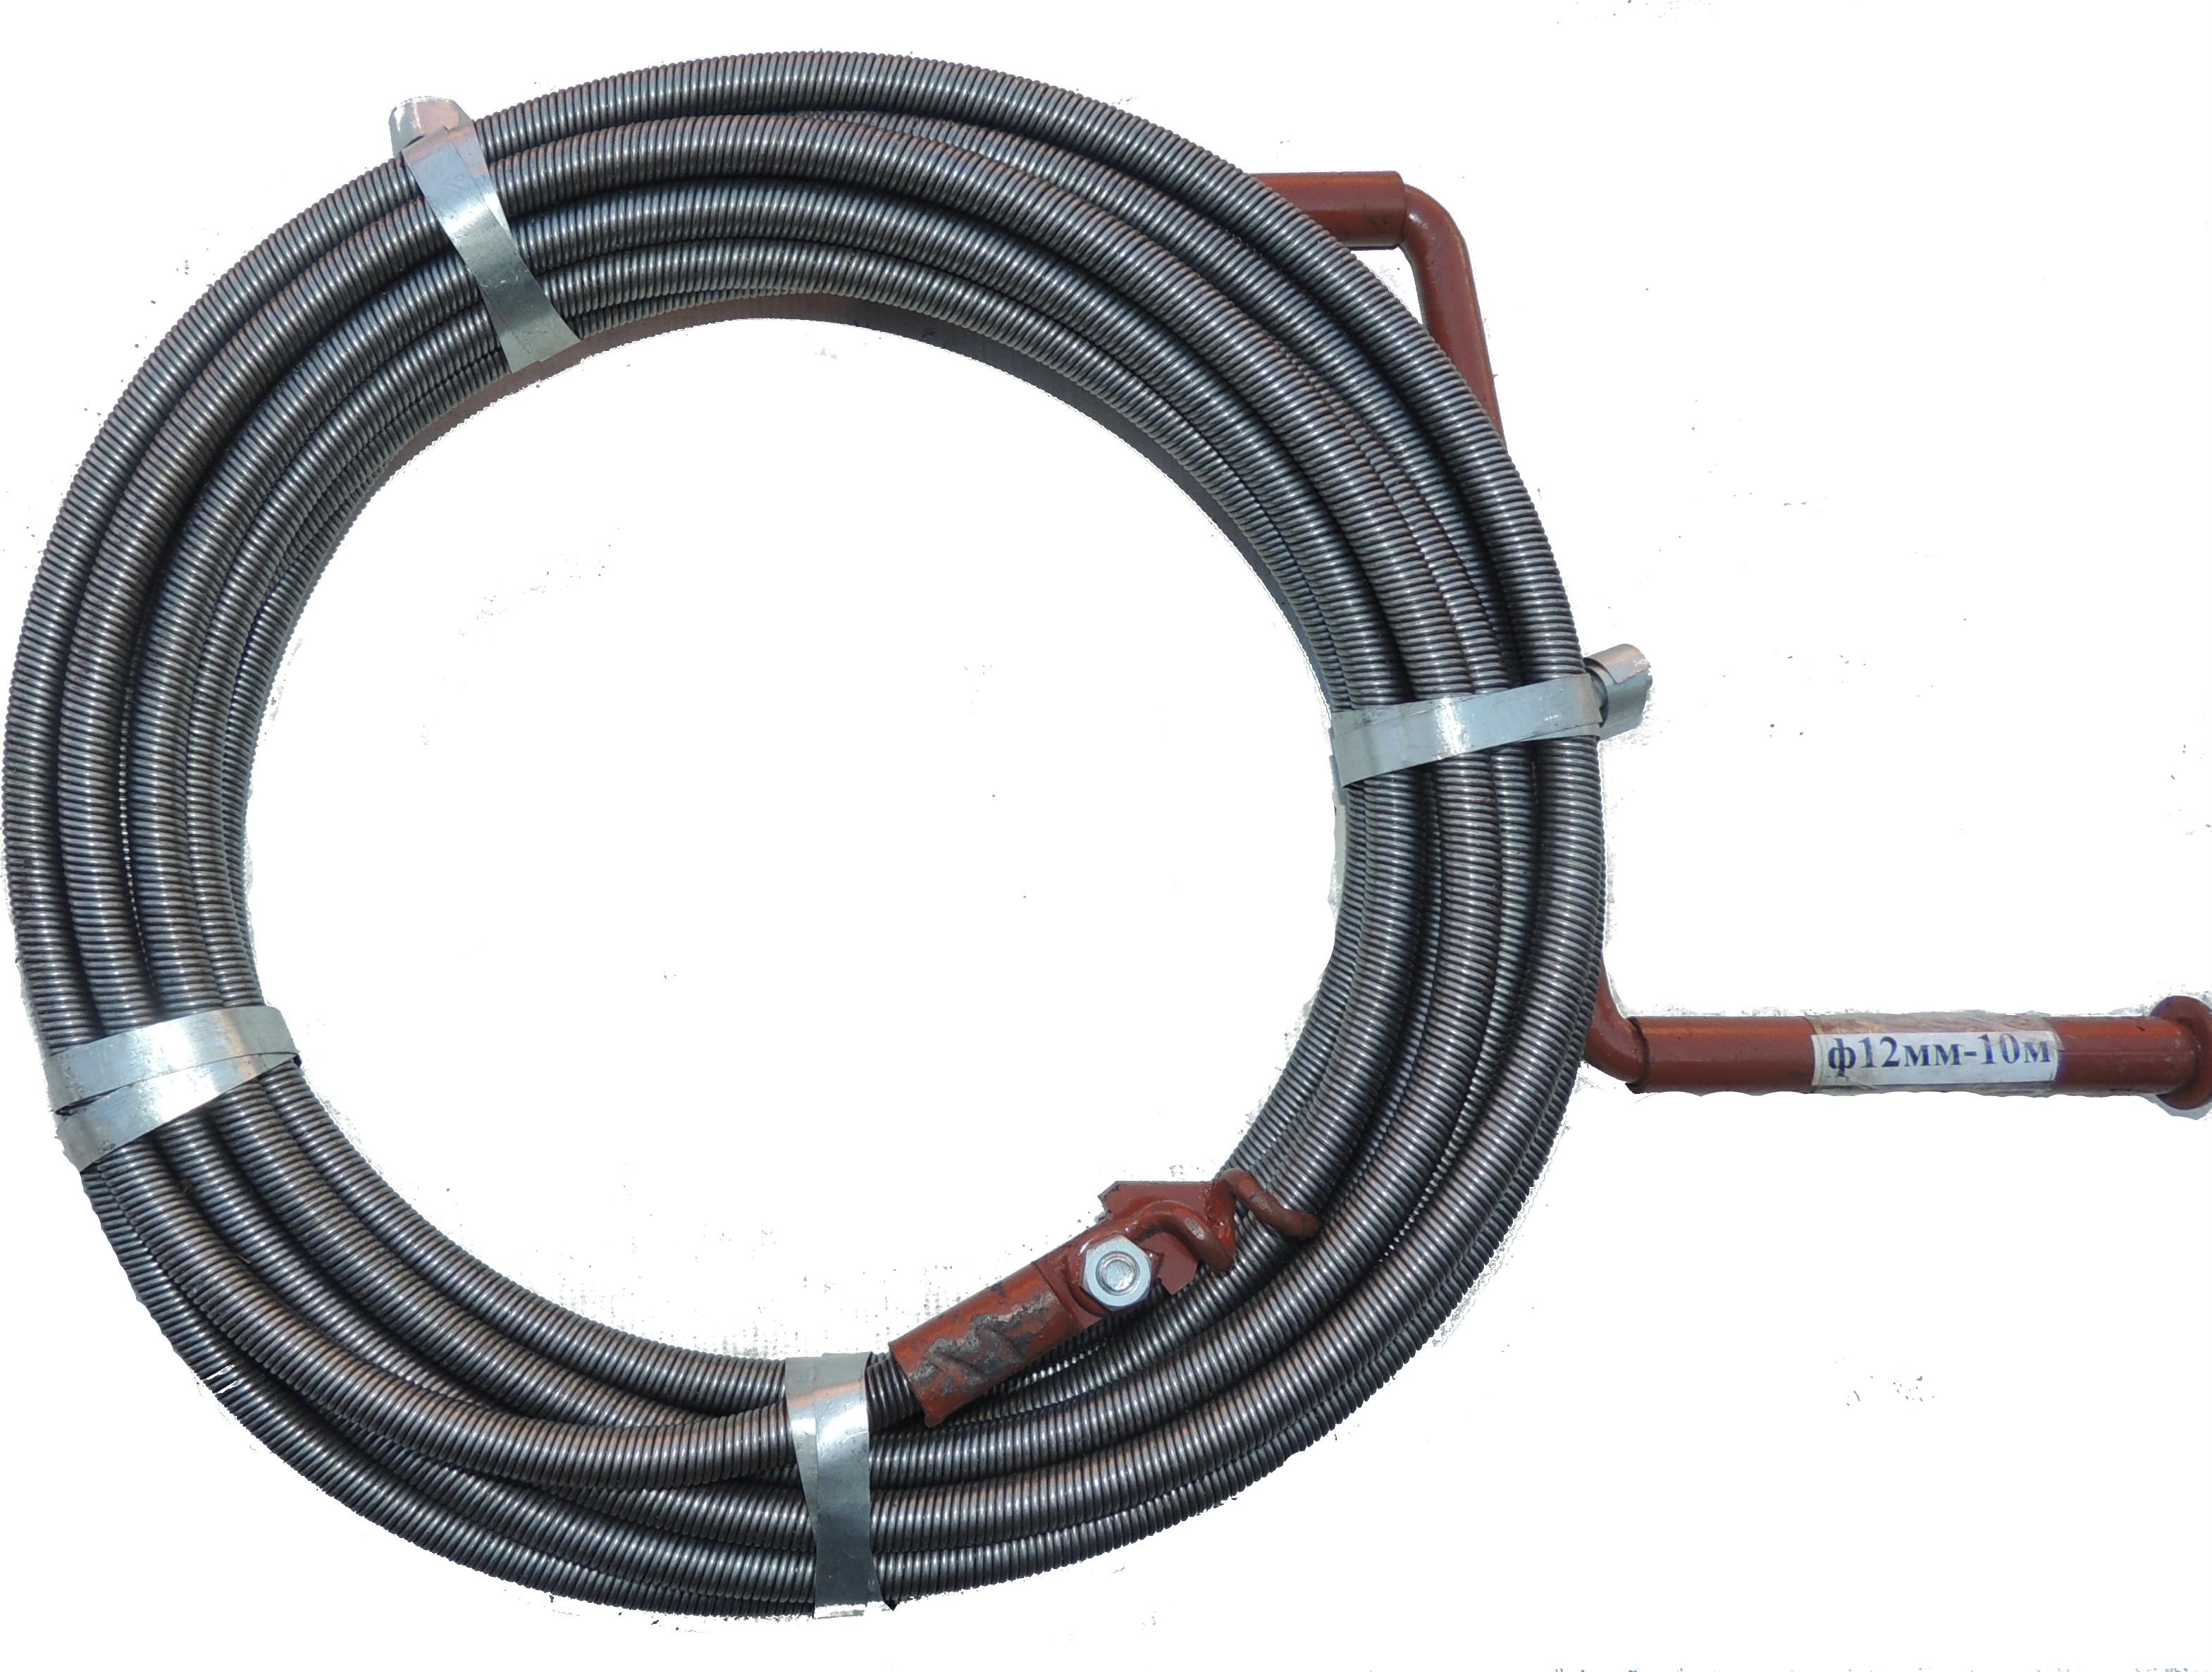 Трос сантехнический диам. 12 мм, длина 10 метров.